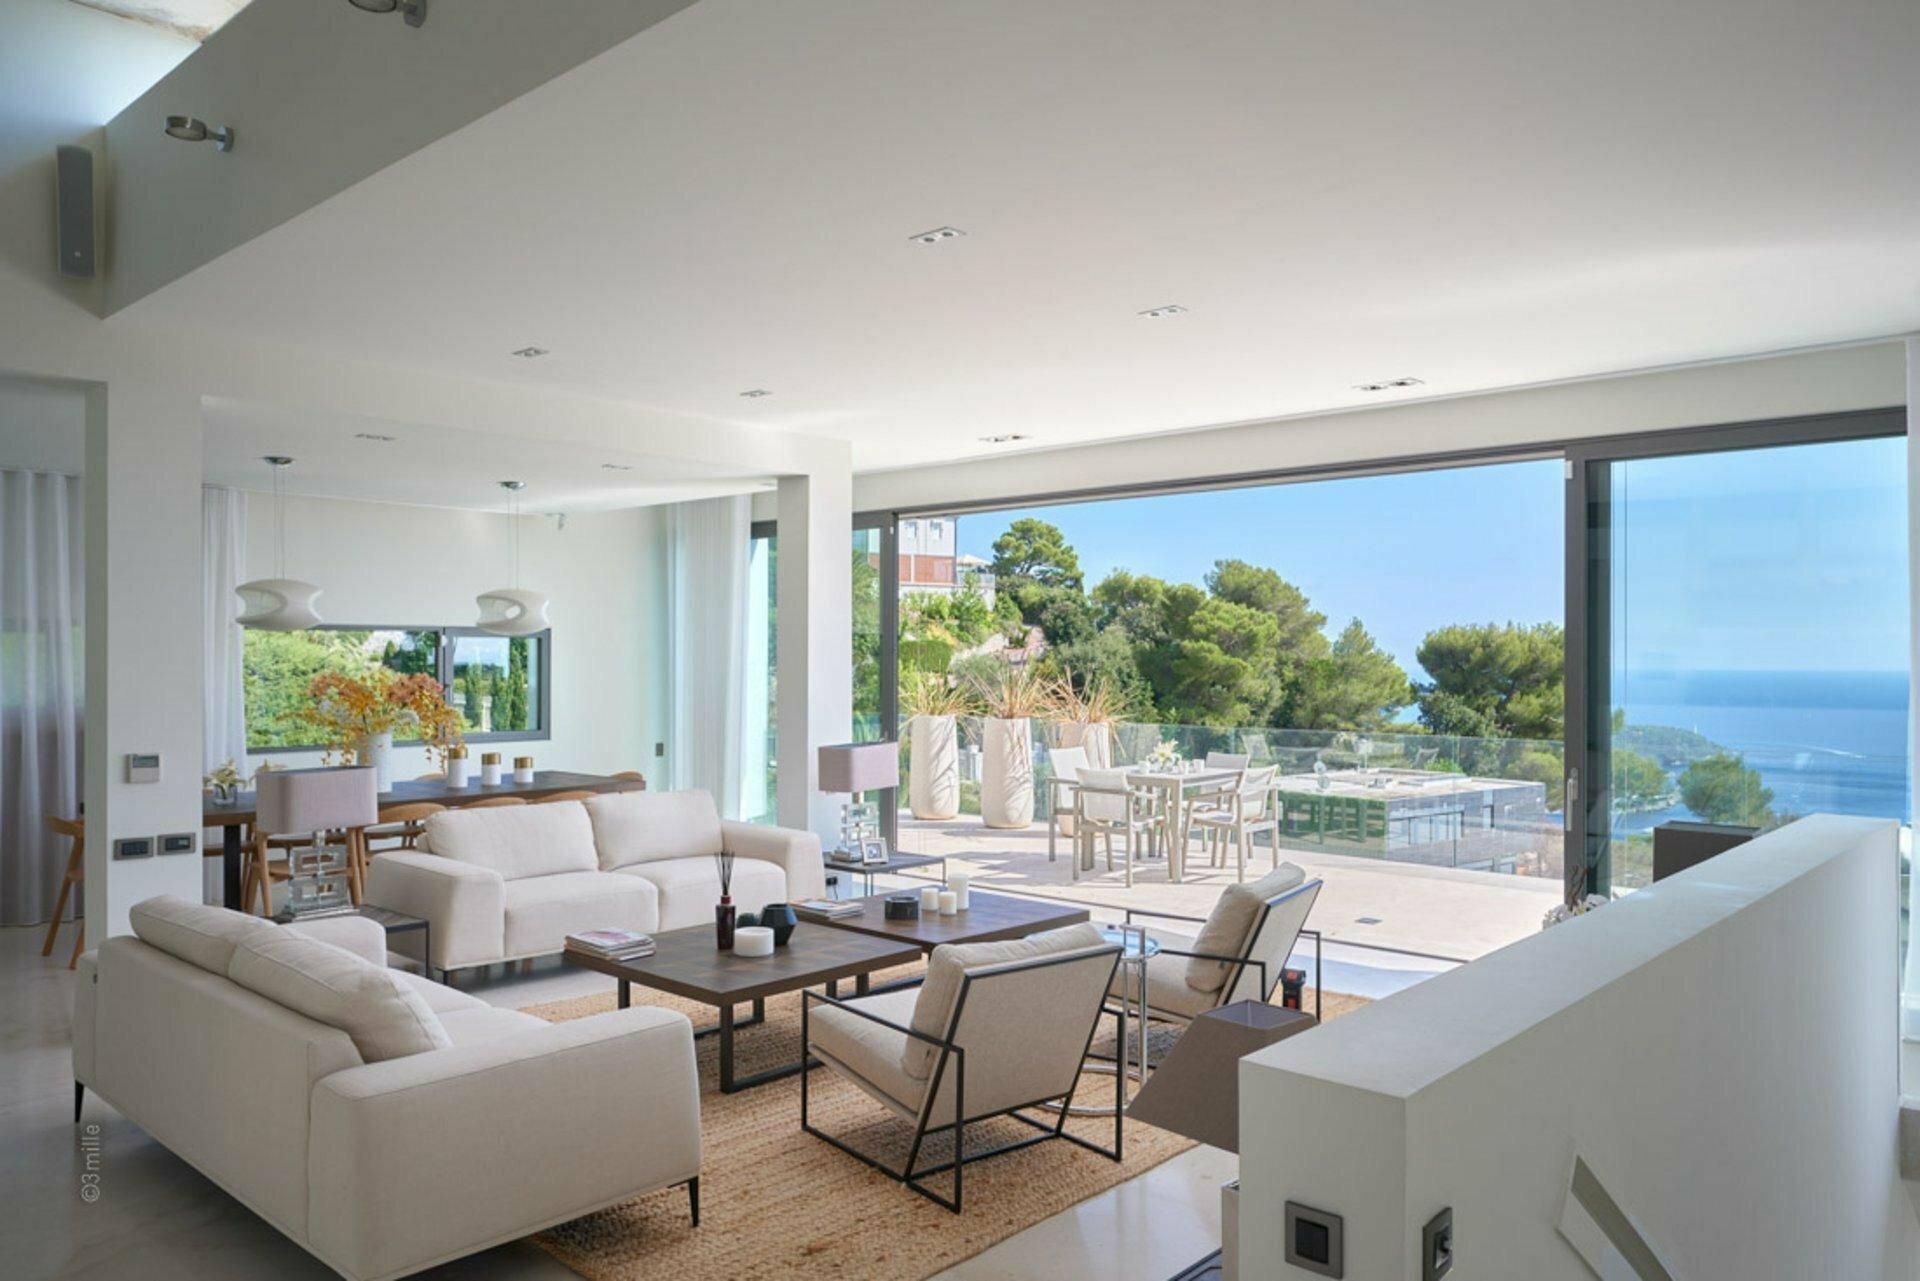 Villa in Villefranche-sur-Mer, Provence-Alpes-Côte d'Azur, France 1 - 11160530